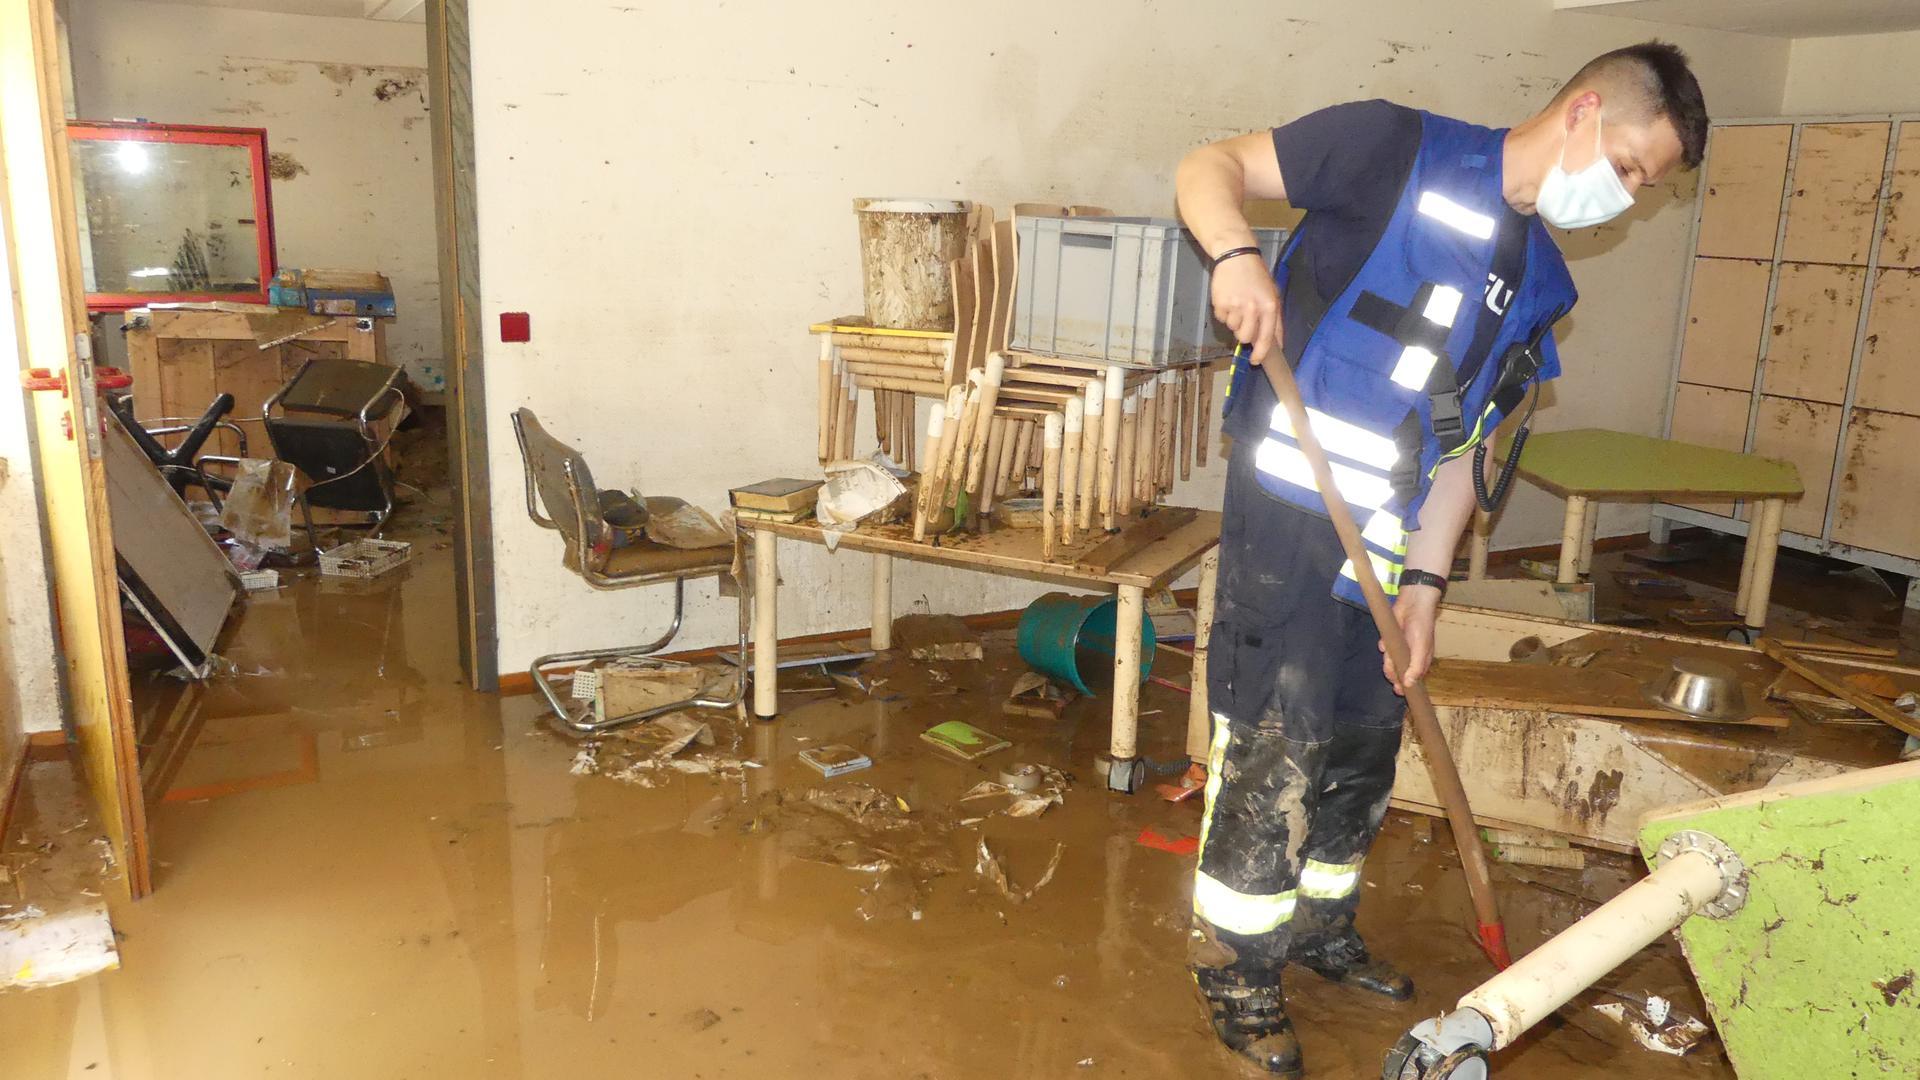 Hochwasser im Keller der Kita St. Franziskus in der Tulpenstraße.